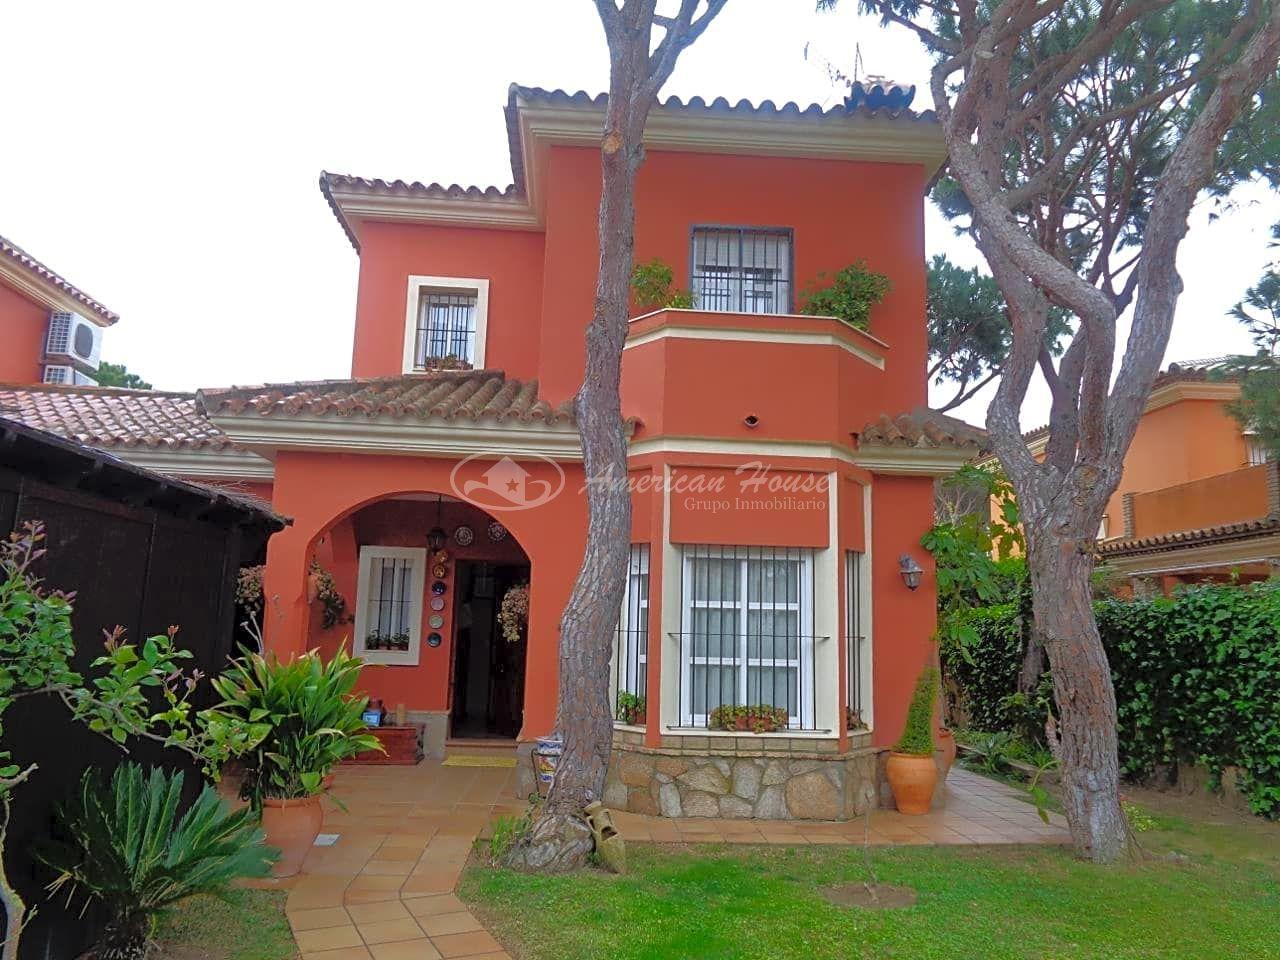 Precioso Chalet en Venta en la inigualable zona de La Barrosa, Chiclana de la Frontera, Cádiz